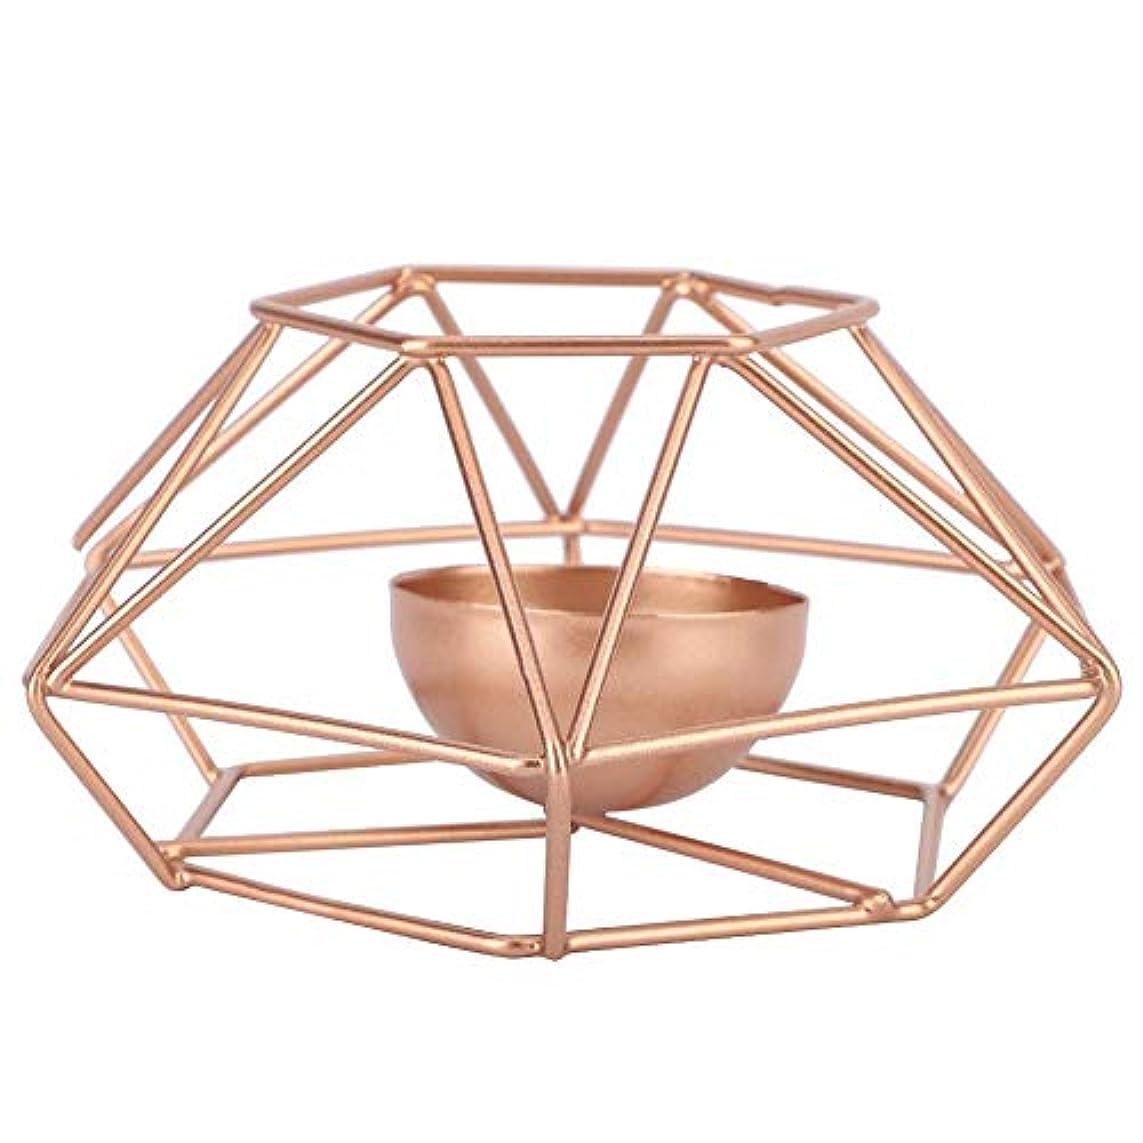 のためにアルバムフォーク鉄の燭台、現代スタイルの幾何学的な燭台スタンド鉄の蝋燭ホールダー金家の装飾飾り